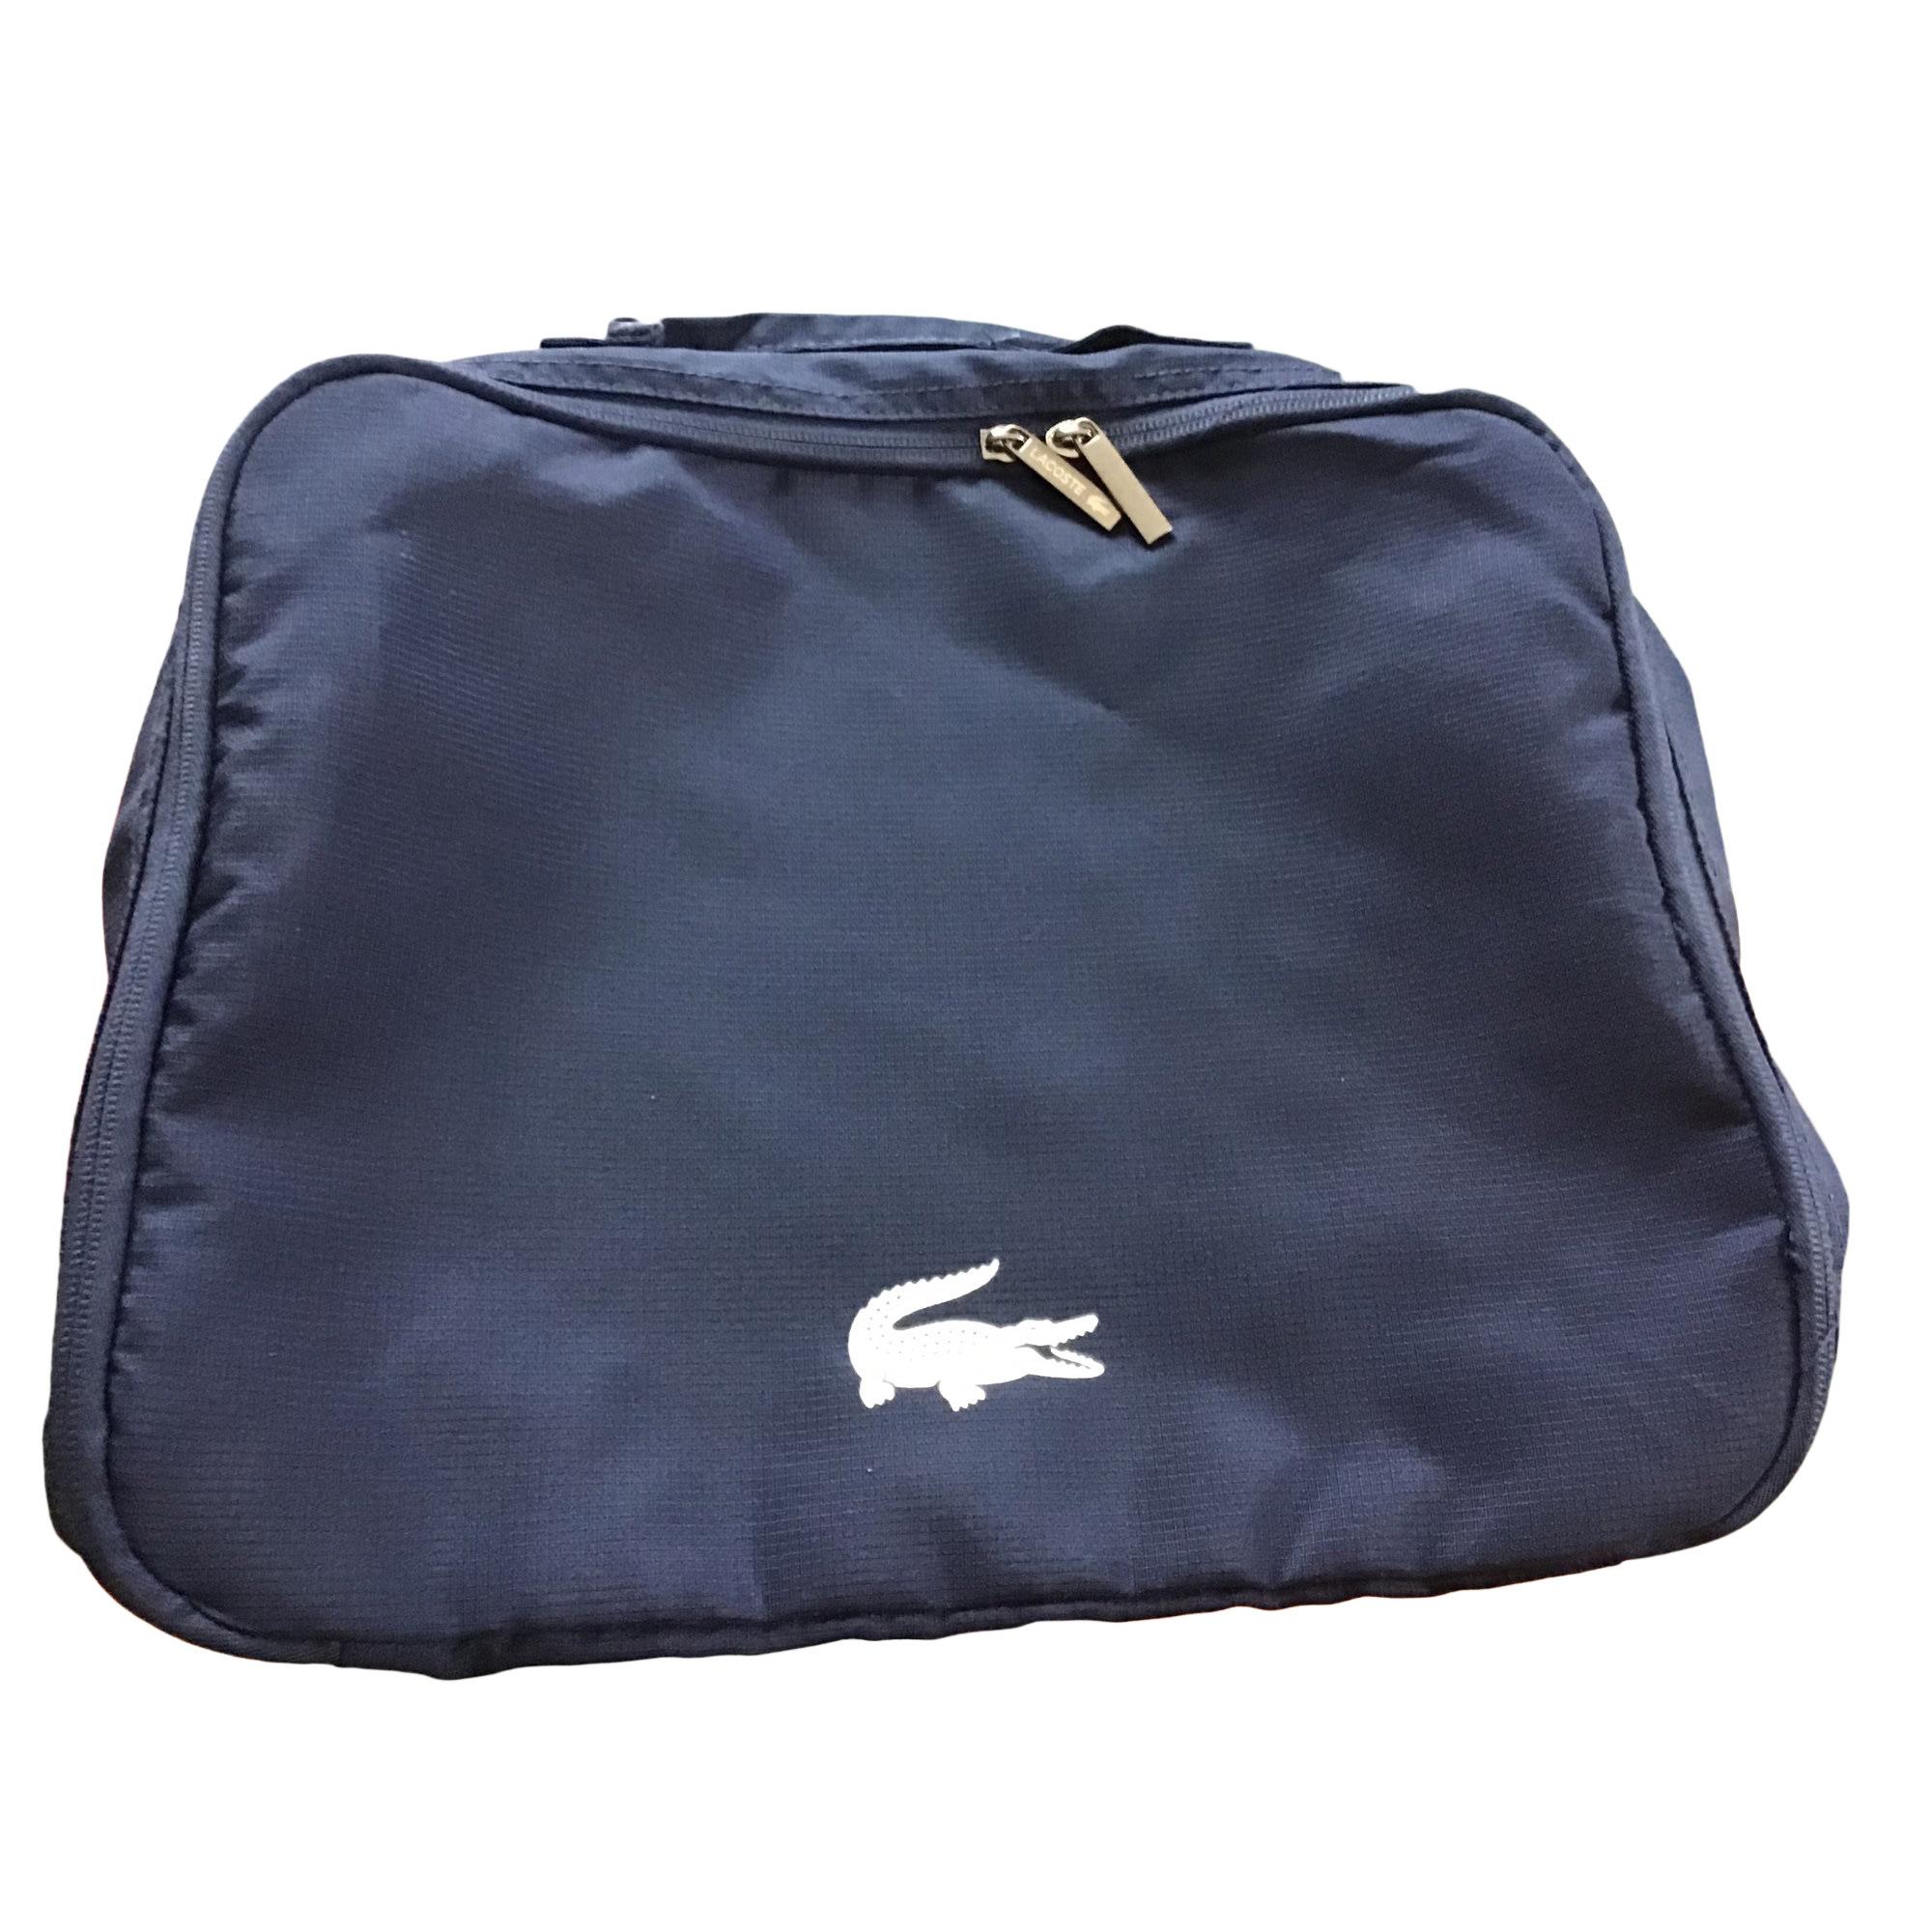 Porte document, serviette LACOSTE Bleu, bleu marine, bleu turquoise